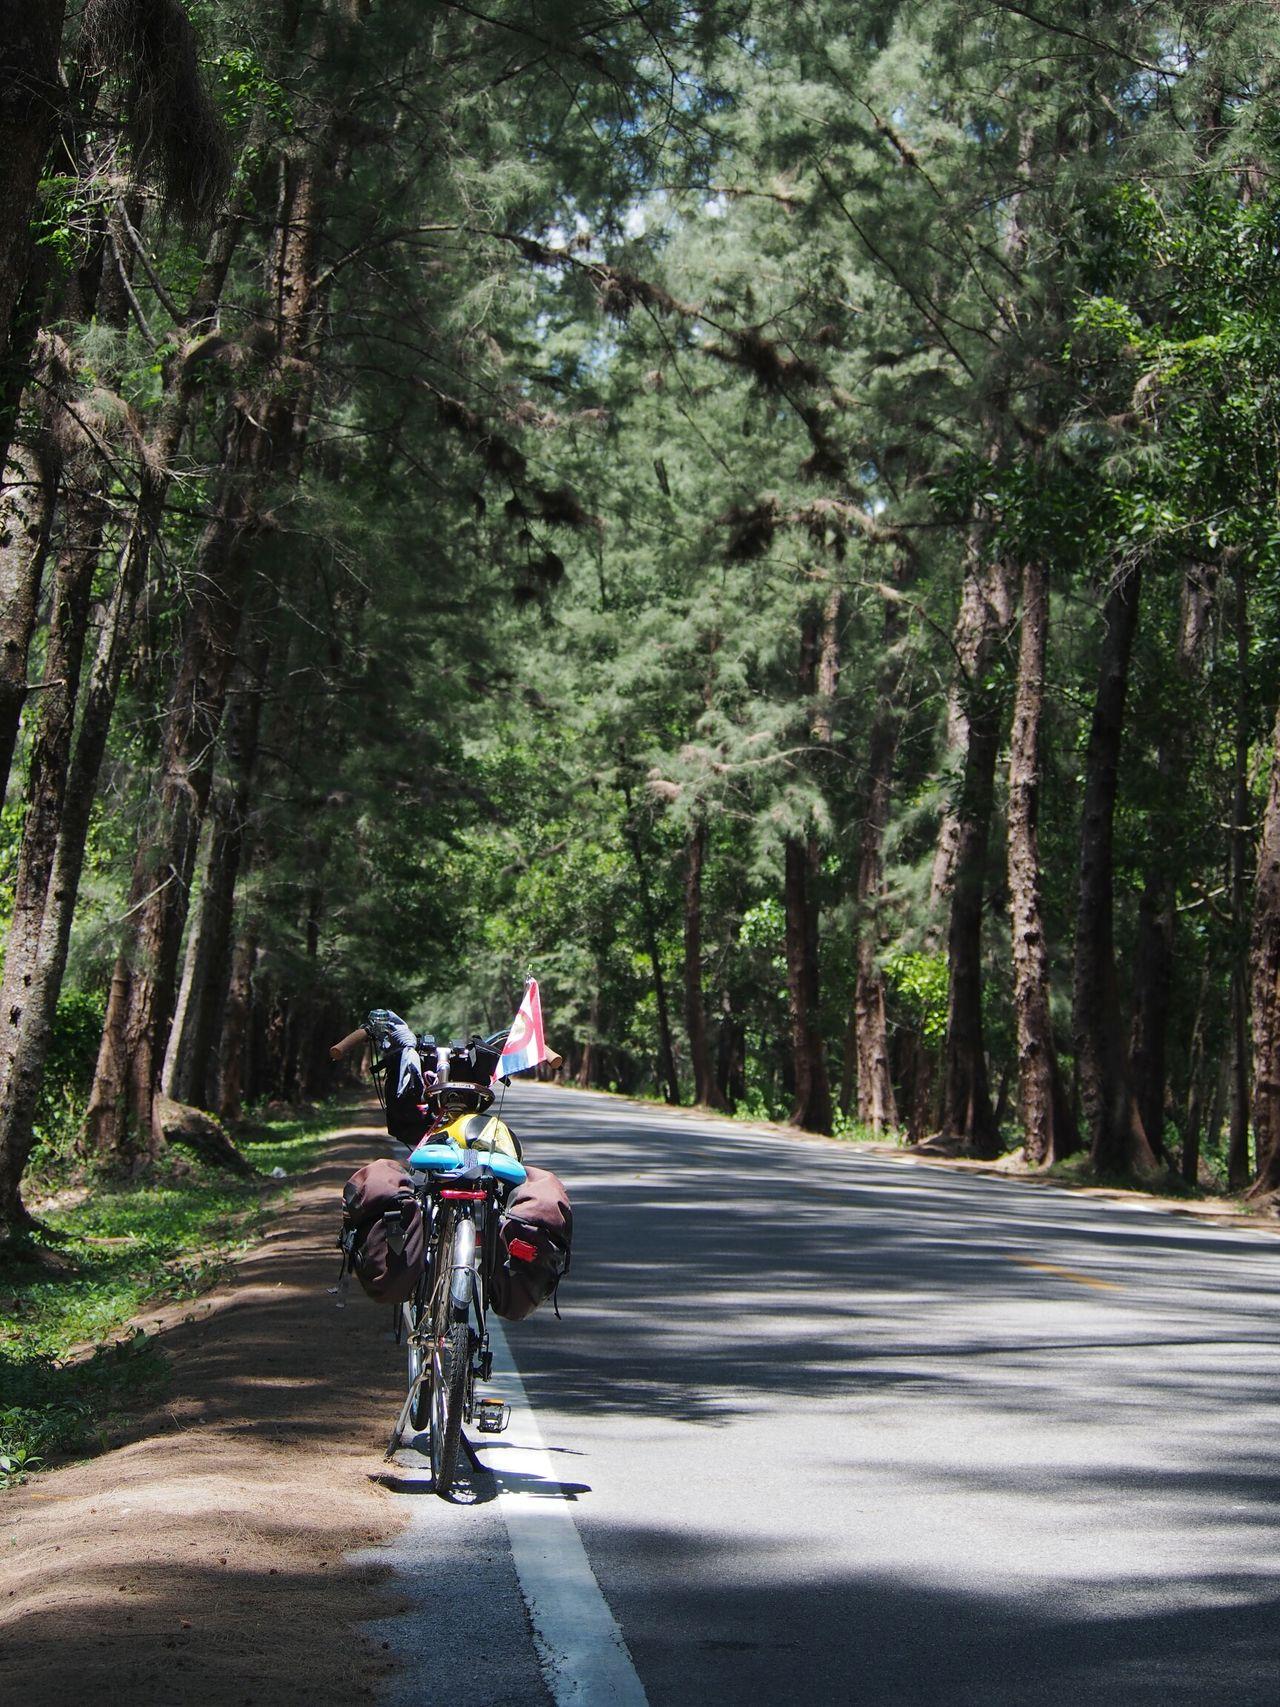 Riding Bike 100 Km.Bike Trip Andaman Relaxing Enjoying Life Hello World My Hometown